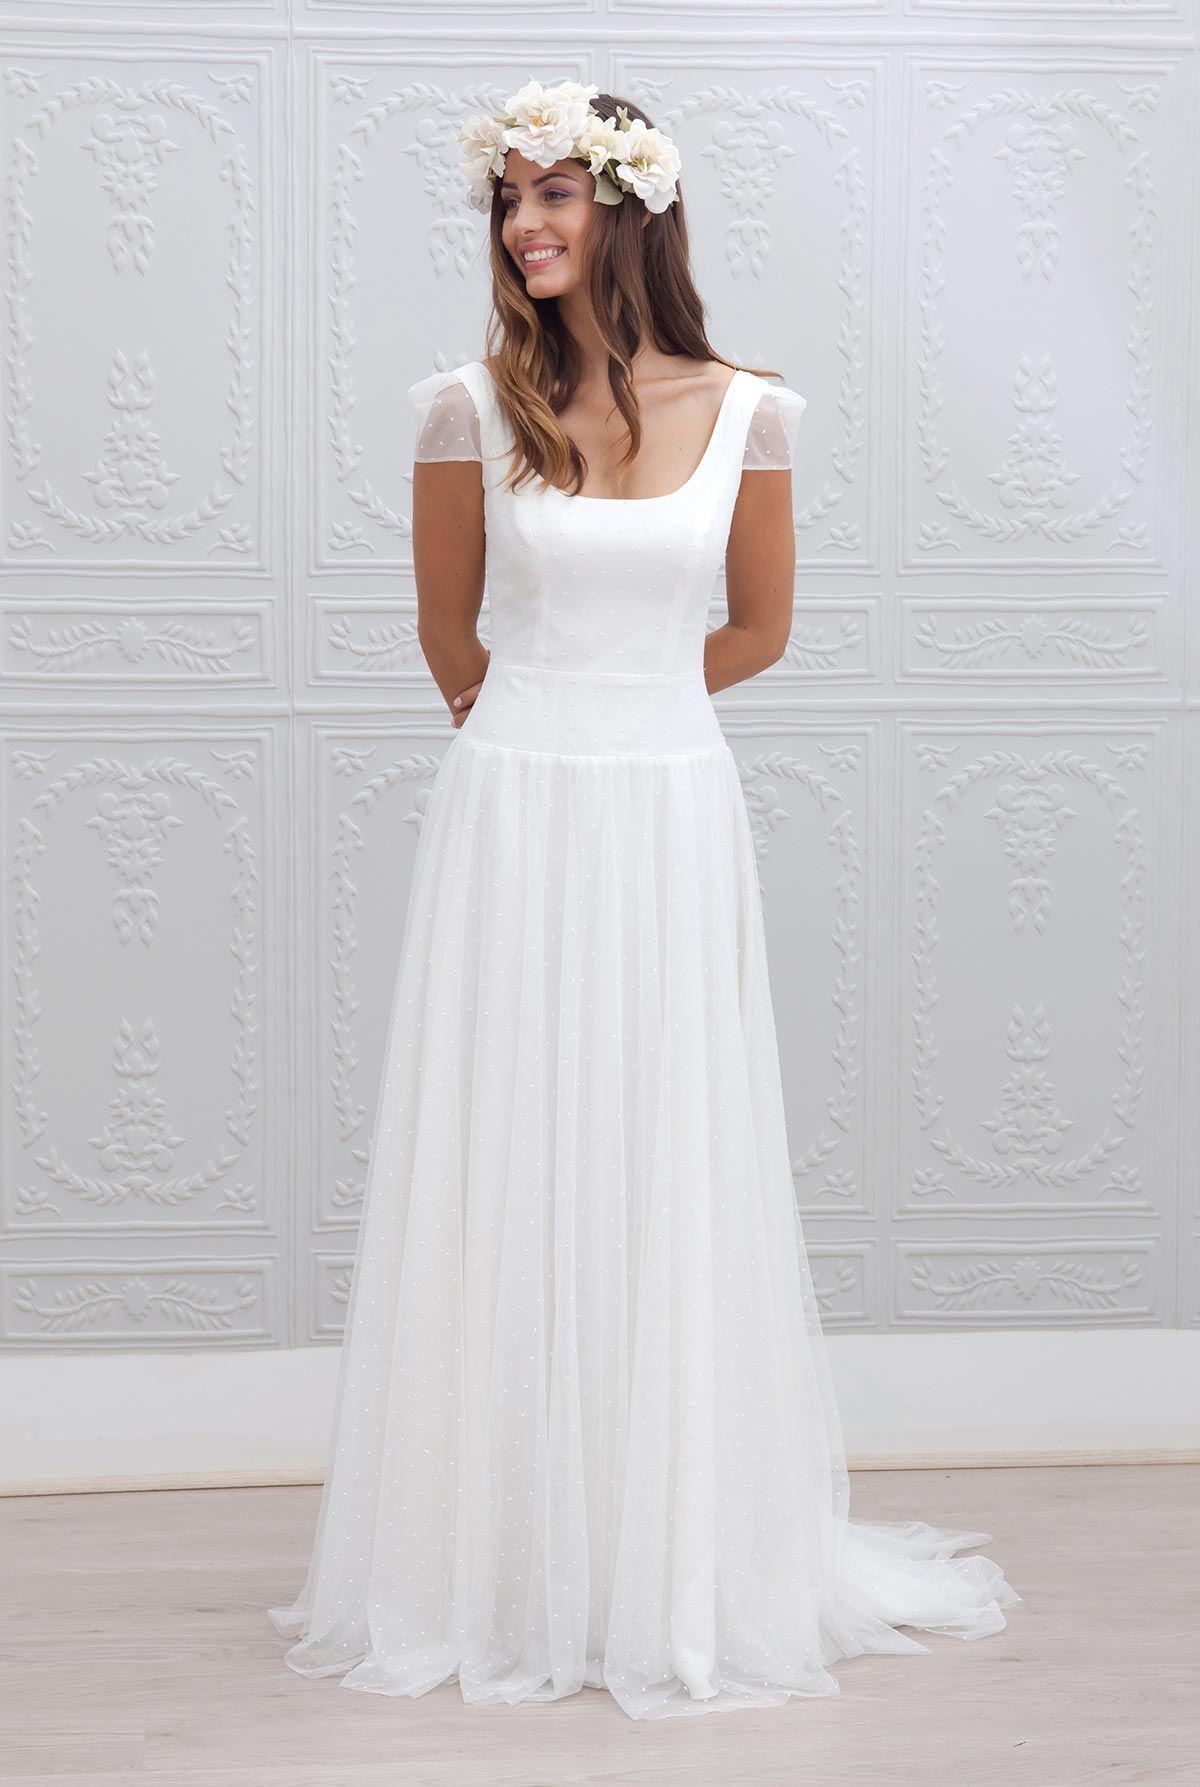 10 robes de mari e adopter pour un look boh me chic georgia and robe